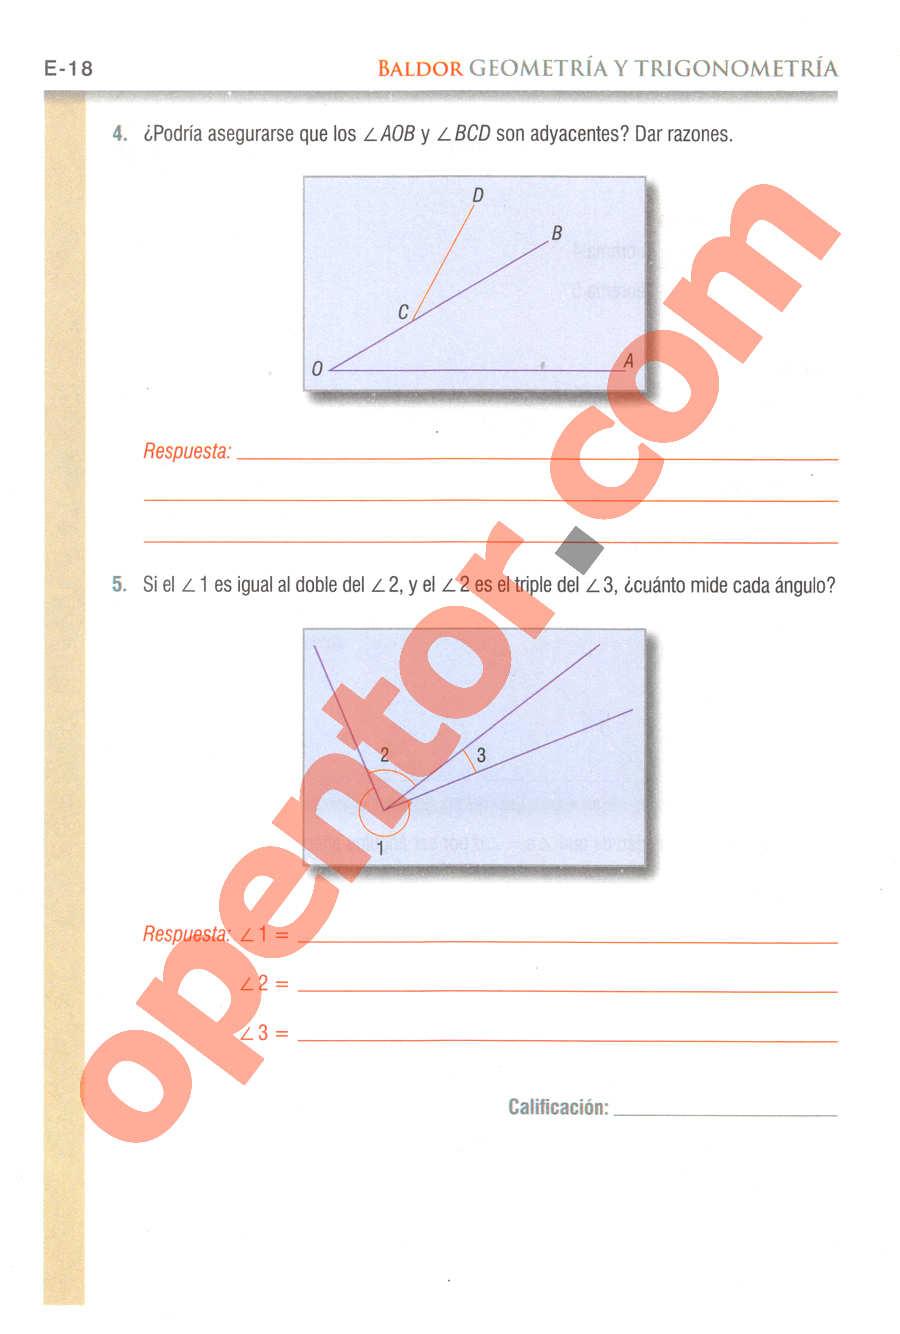 Geometría y Trigonometría de Baldor - Página E18